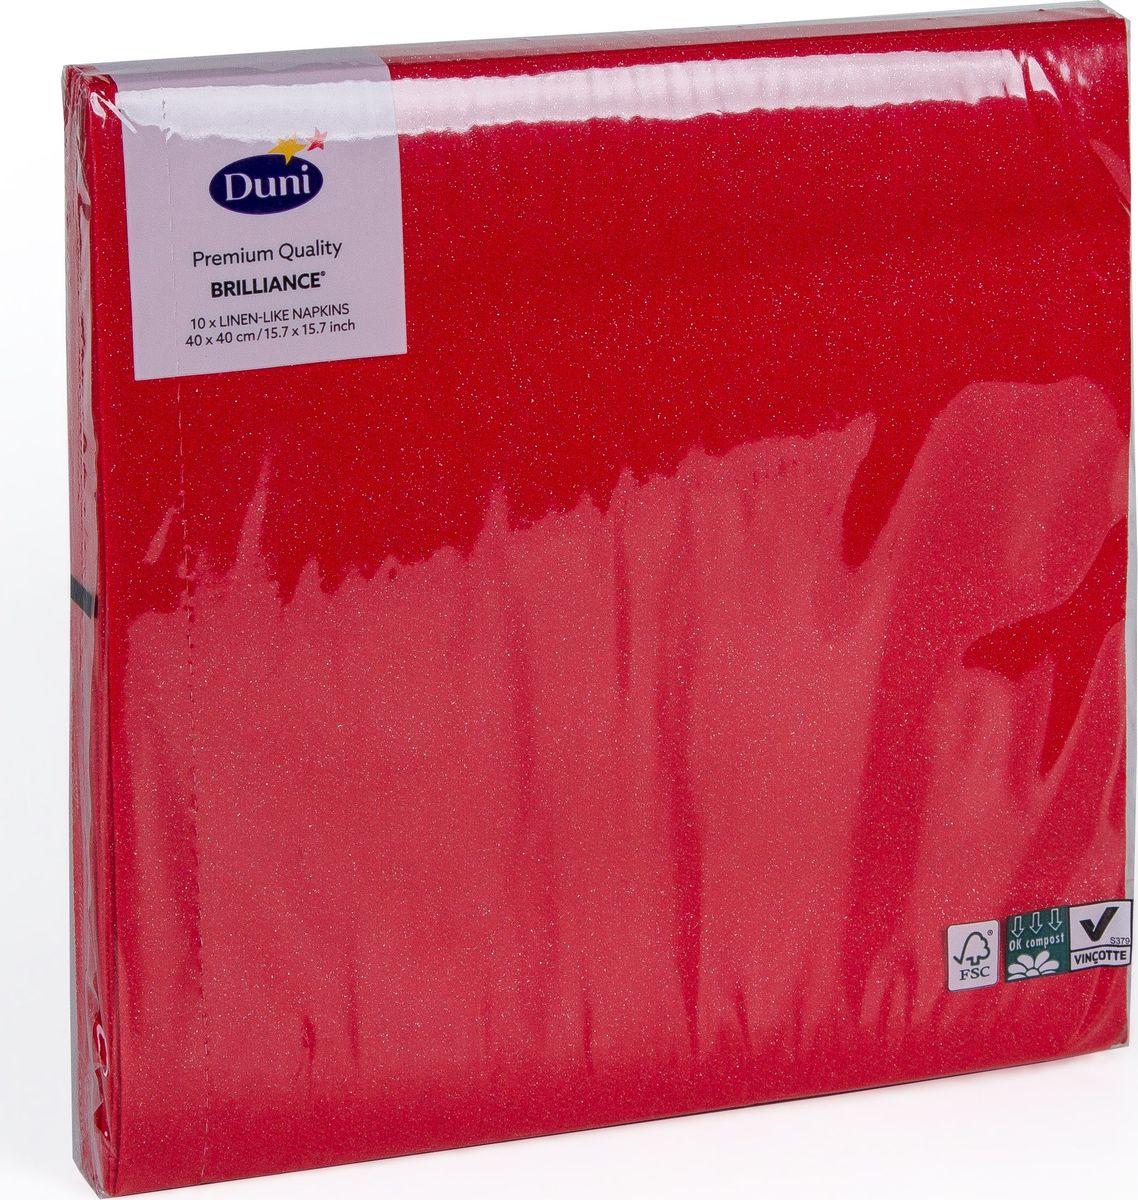 Салфетки бумажные Duni Lin. Brilliance, цвет: красный, 40 смVT-1520(SR)Многослойные бумажные салфетки изготовлены из экологически чистого, высококачественного сырья - 100% целлюлозы. Салфетки выполнены в оригинальном и современном стиле, прекрасно сочетаются с любым интерьером и всегда будут прекрасным и незаменимым украшением стола.